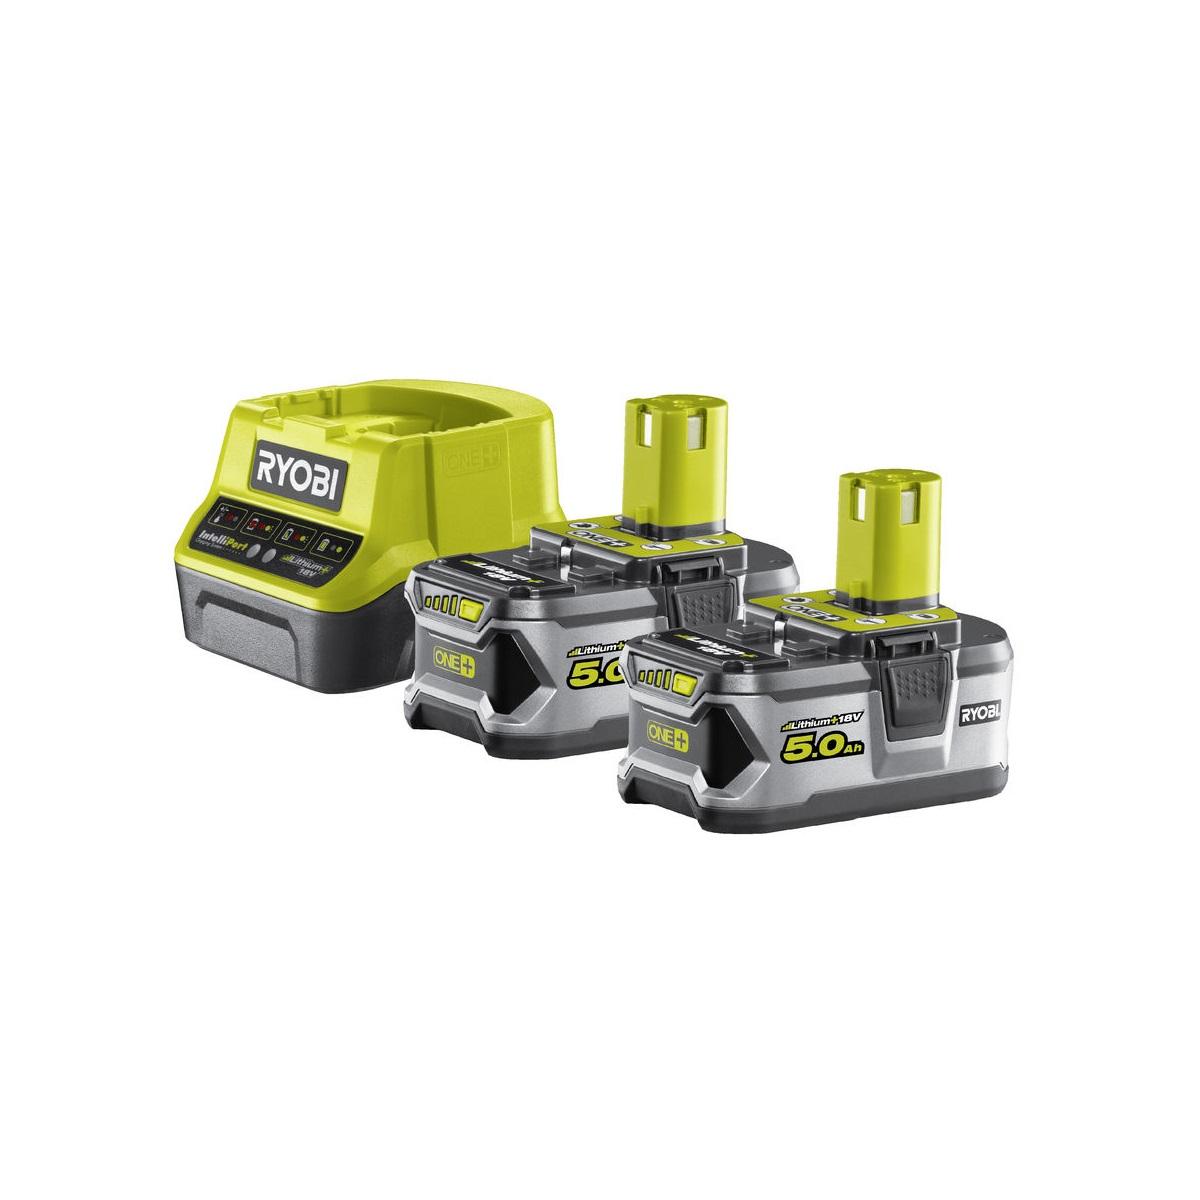 Ryobi RC18120-250, sada 2x 18 V lithium iontová baterie 5 Ah s nabíječkou RC18120 ONE+